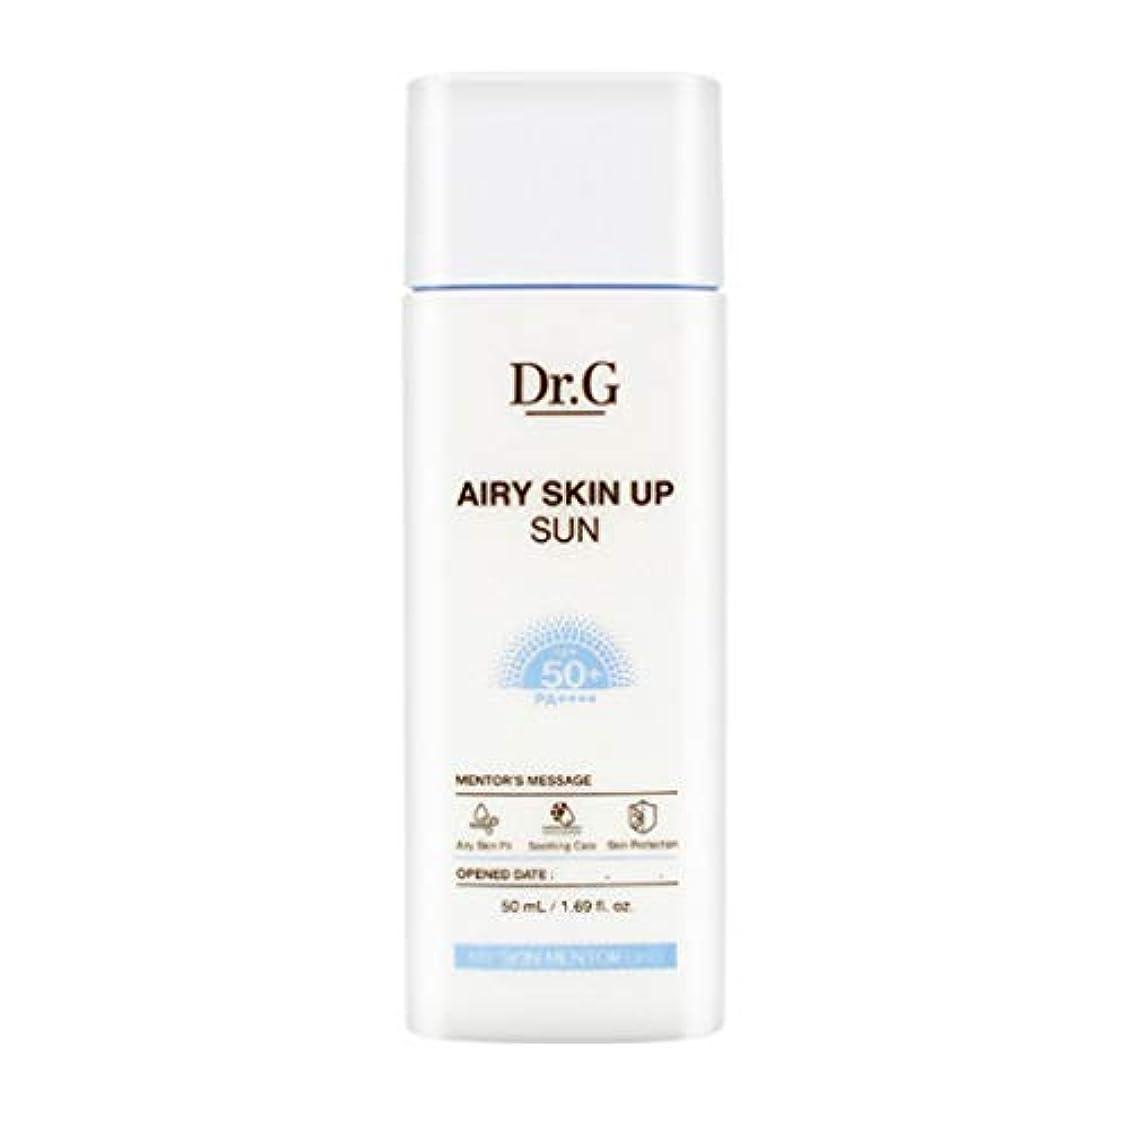 不運トーナメント時系列Dr.G ドクタージー Airy Skin Up Sun エアリースキンアップサン (50ml) SPF50+ PA++++ Dr G DrG 日焼け止め